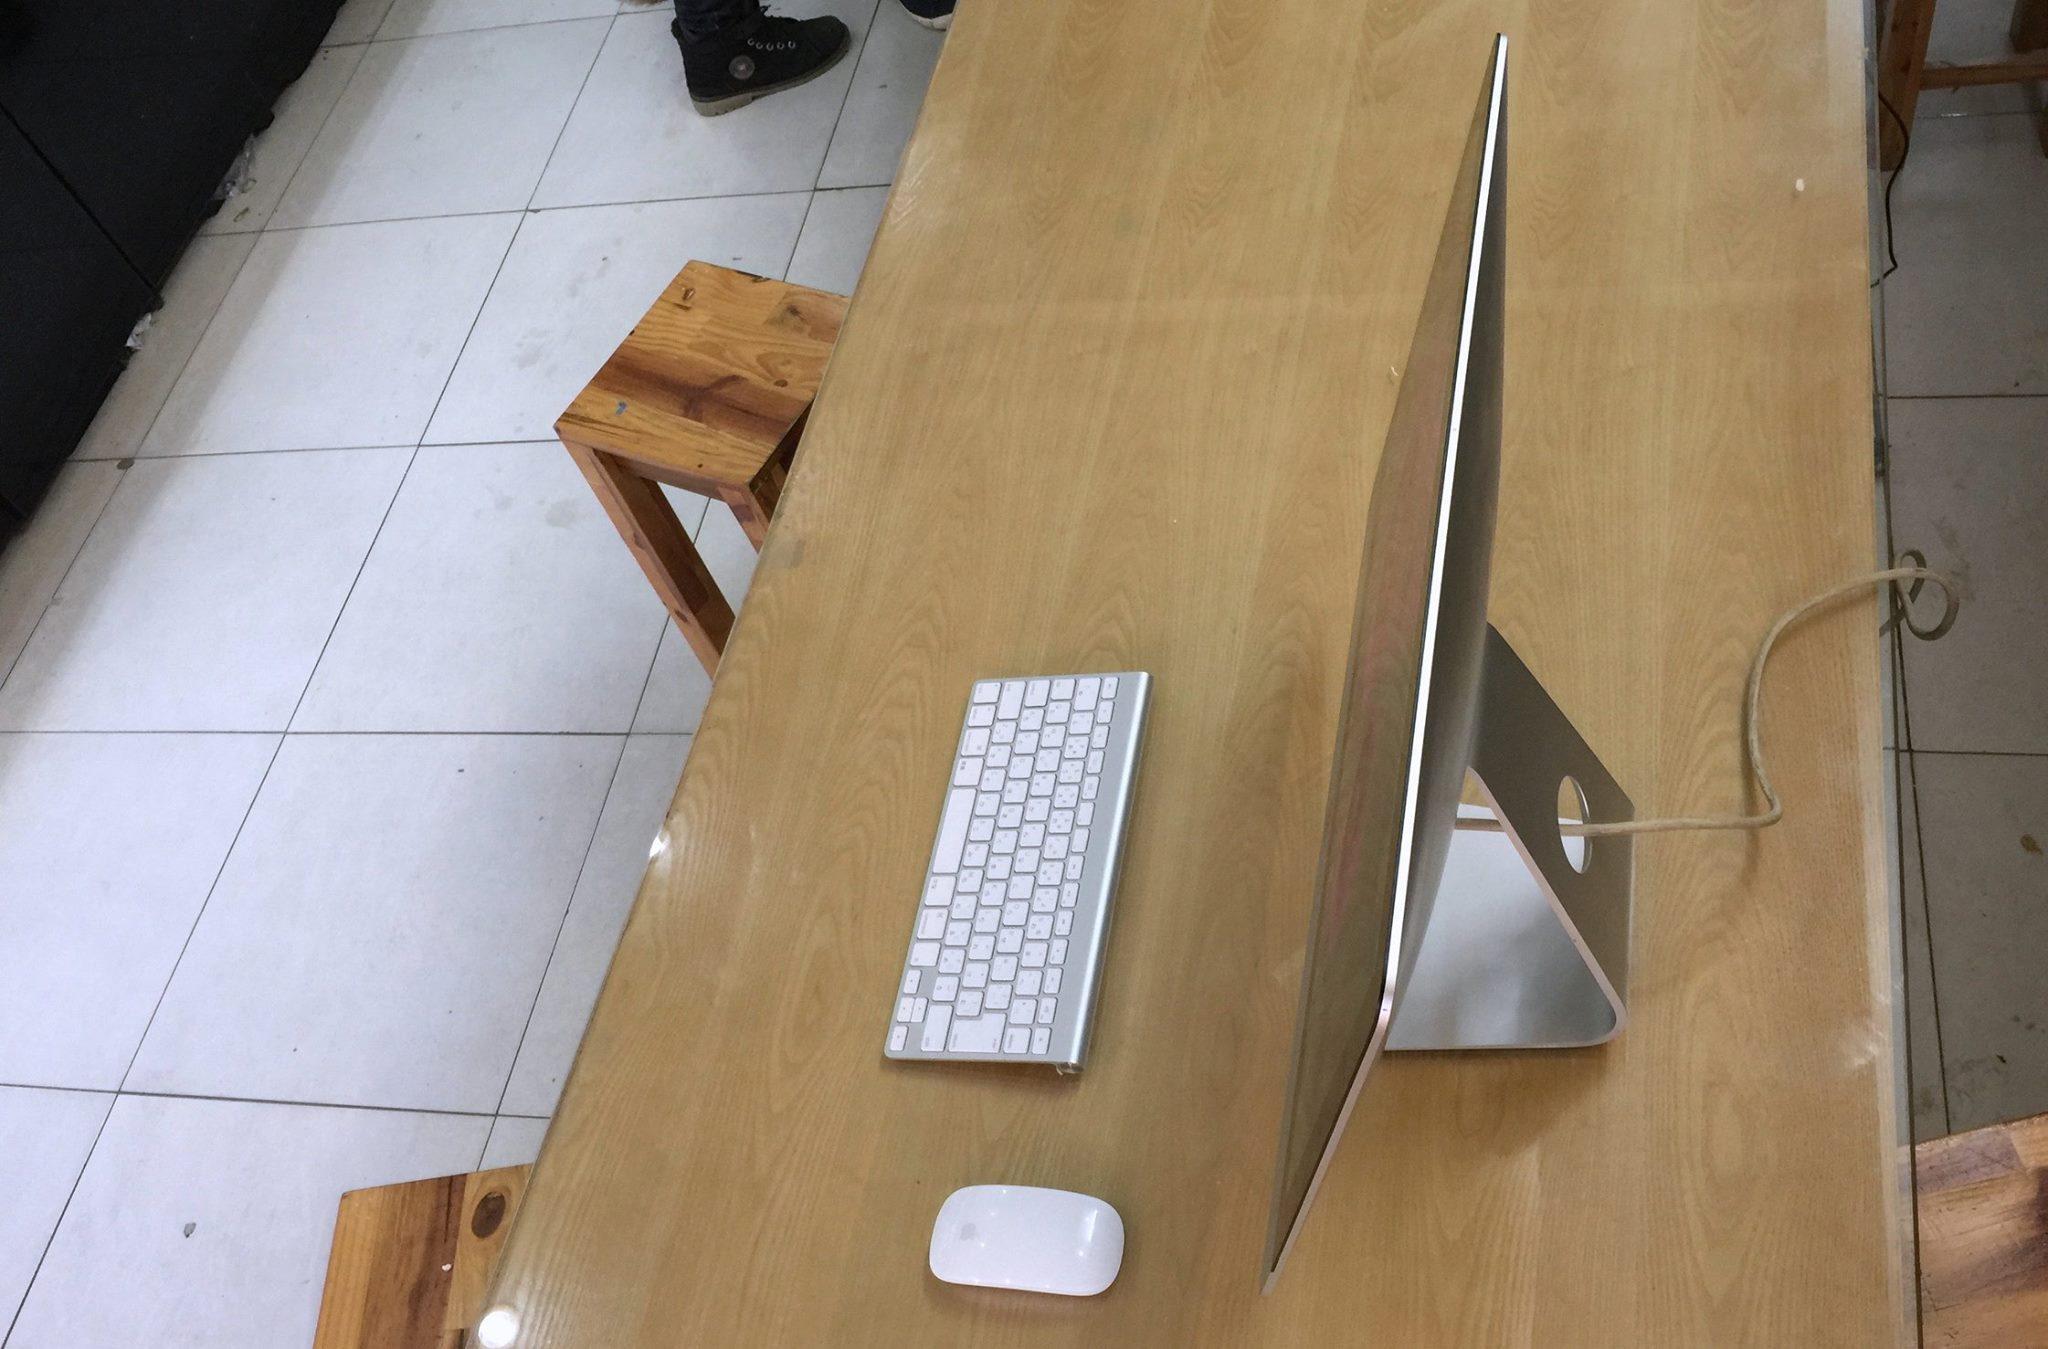 iMac ME086-7.jpg